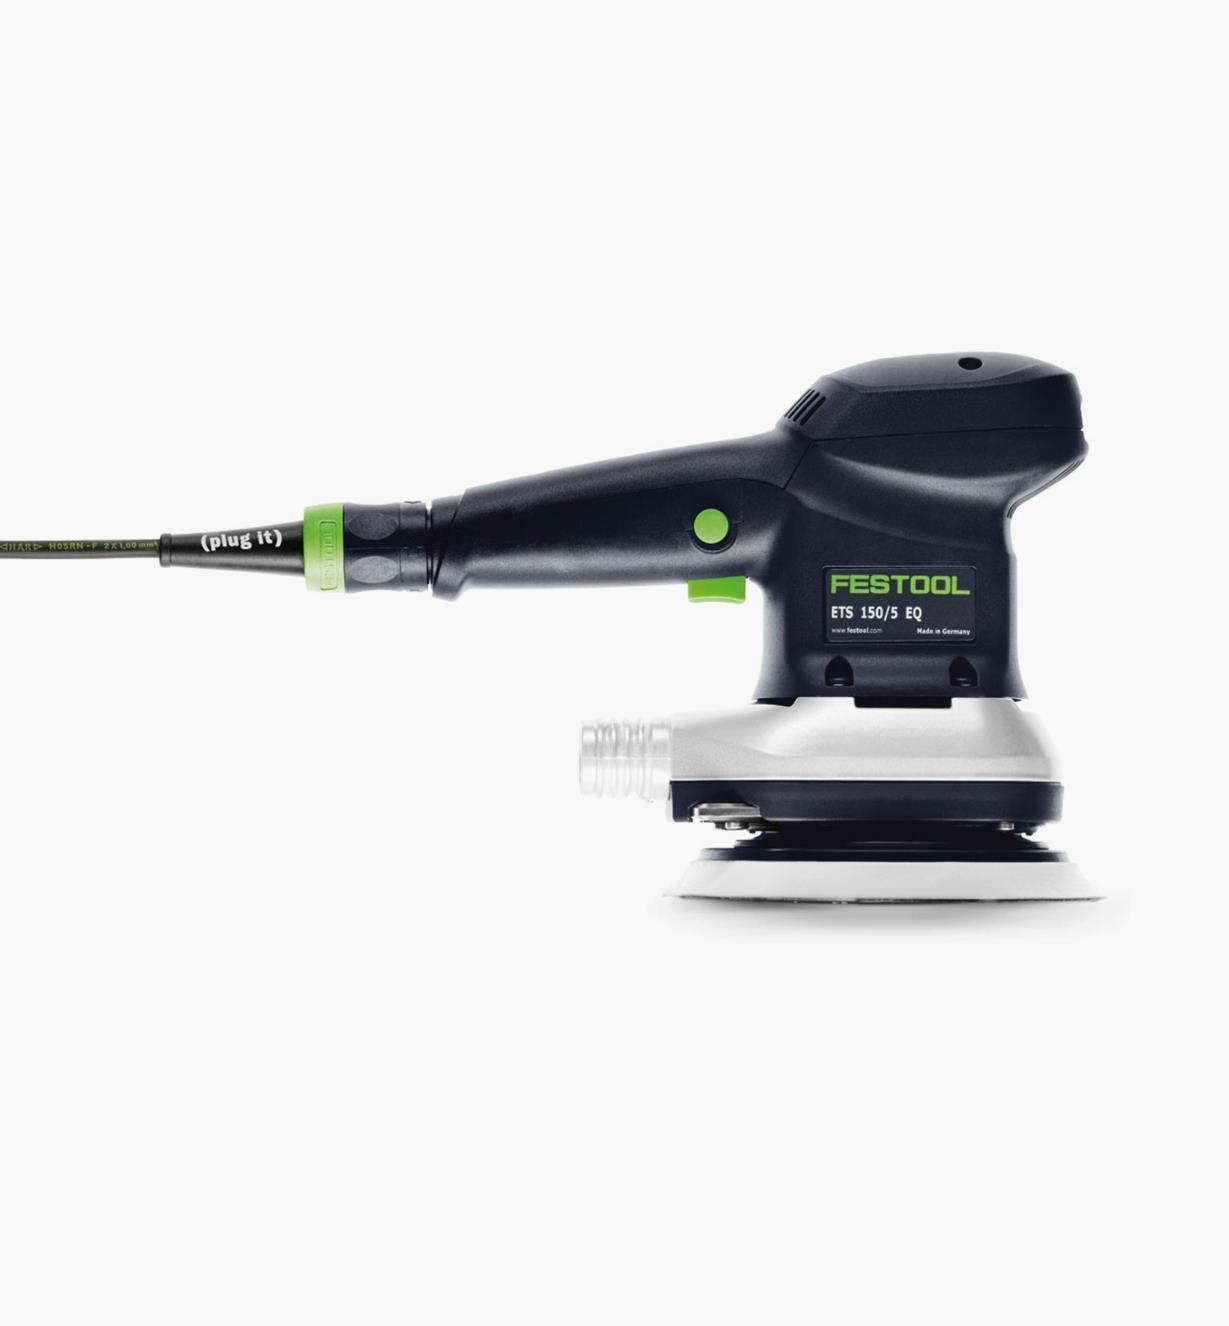 ZT575060 - ETS 150/5 EQ-Plus Sander